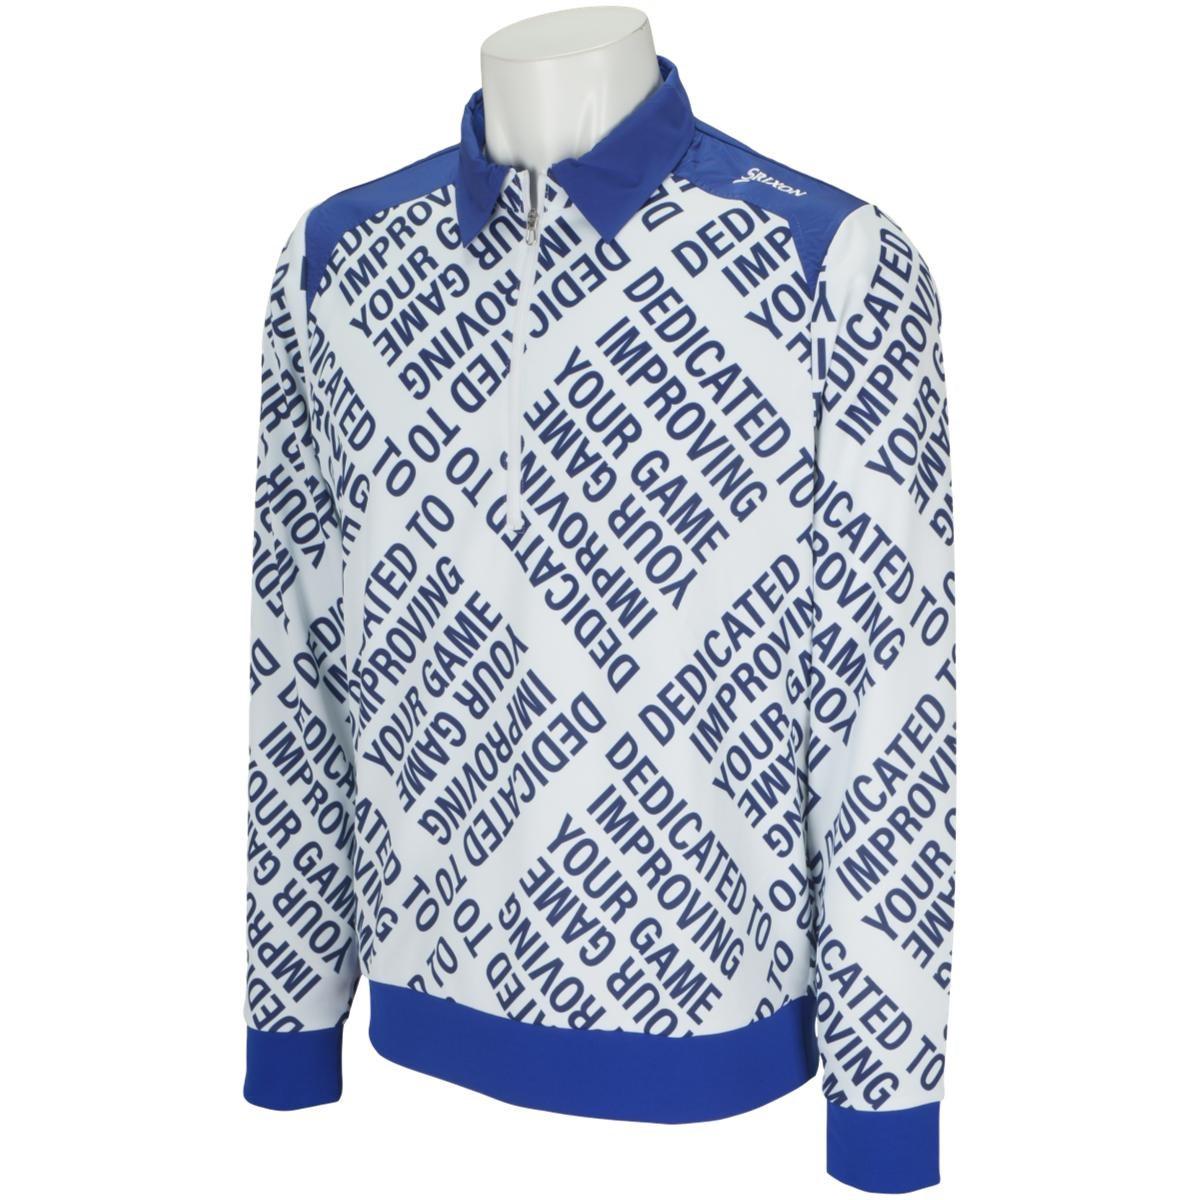 スリクソンゴルフ SRIXON ストレッチ 総柄タイポハイブリッドプロスタイル ジップアップ長袖シャツ M ブルー 00